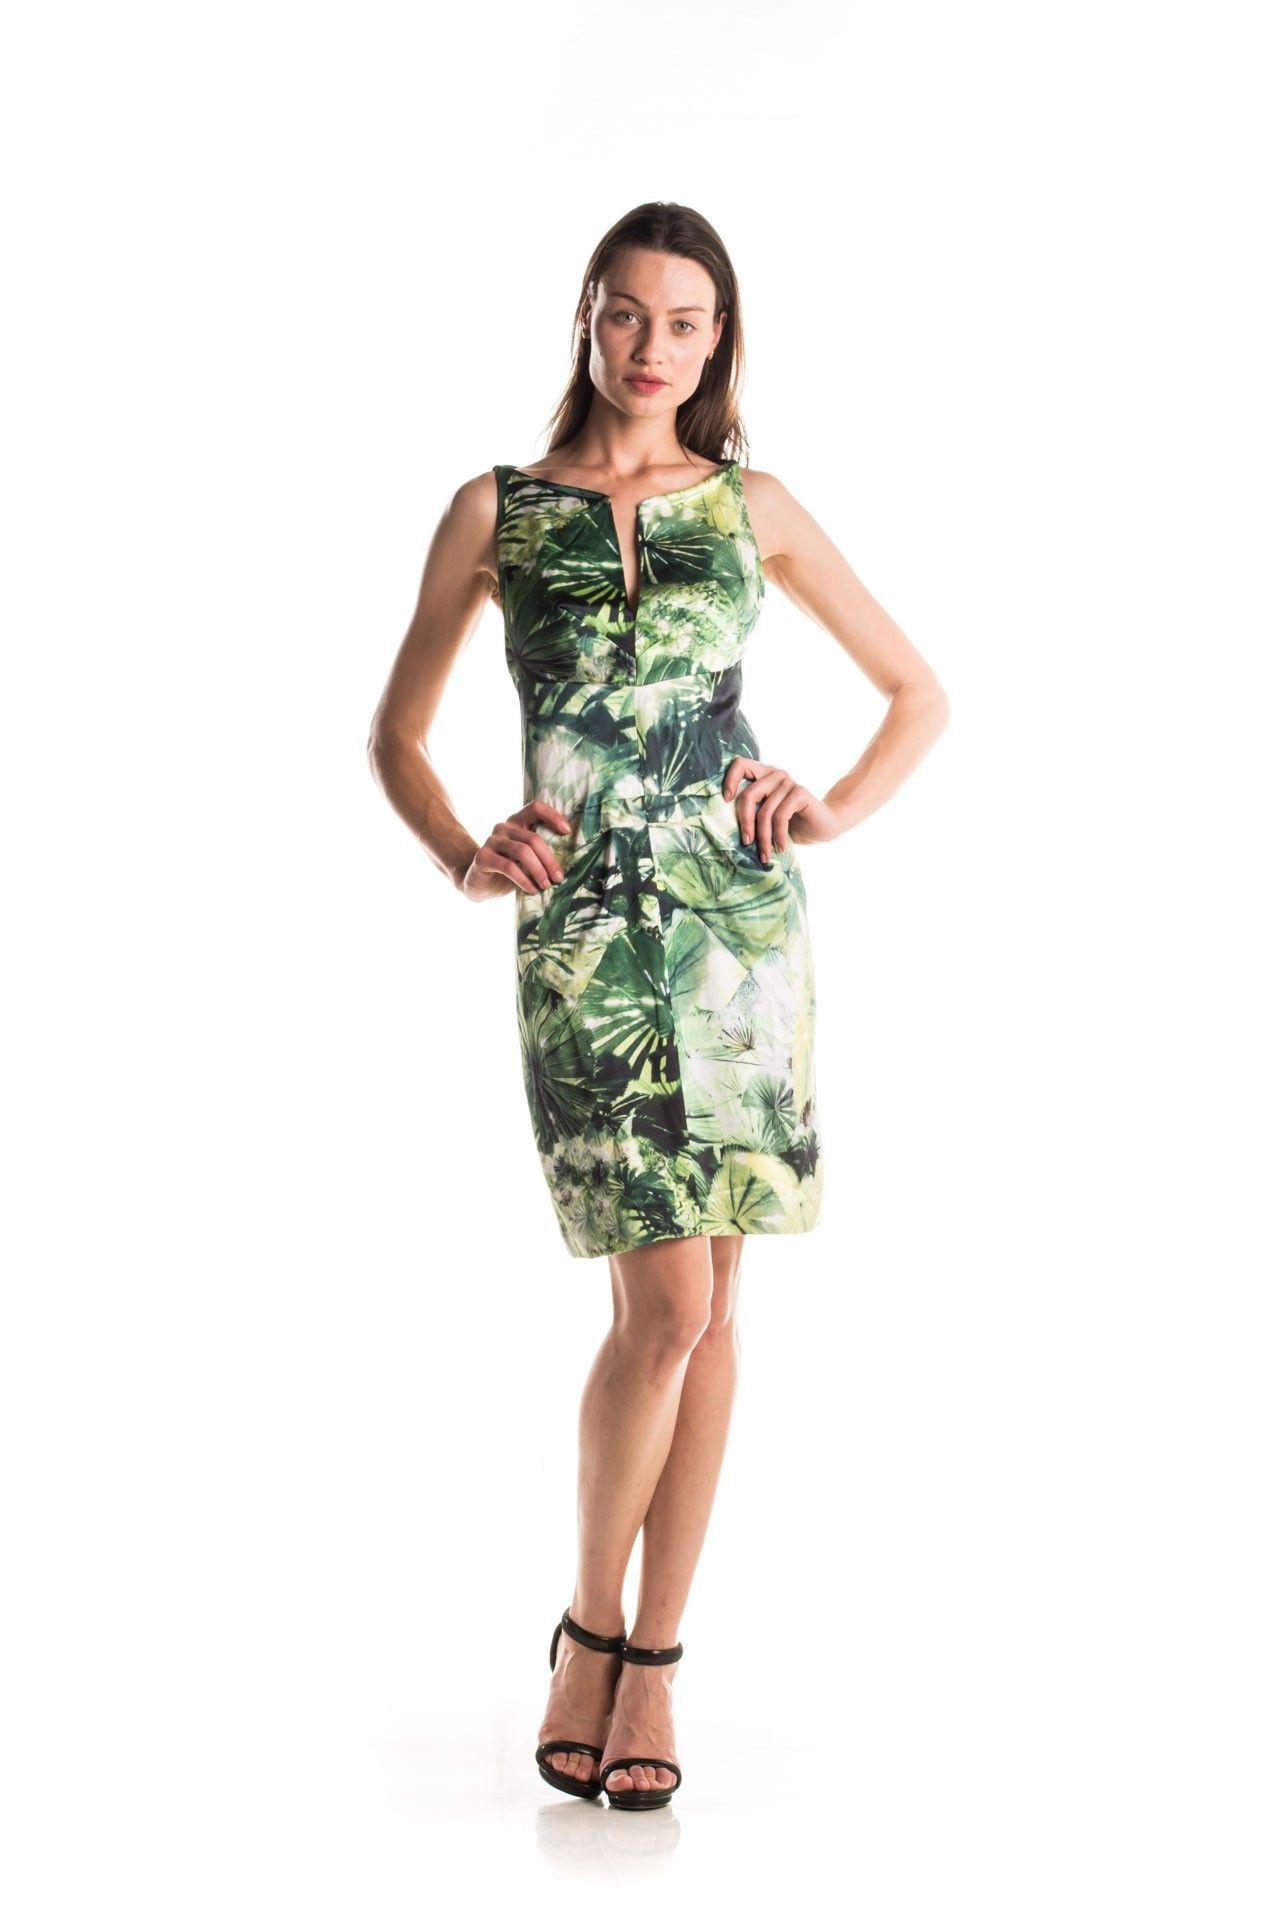 Tufi Duek - Vestido Decote Estruturado - Foto 1